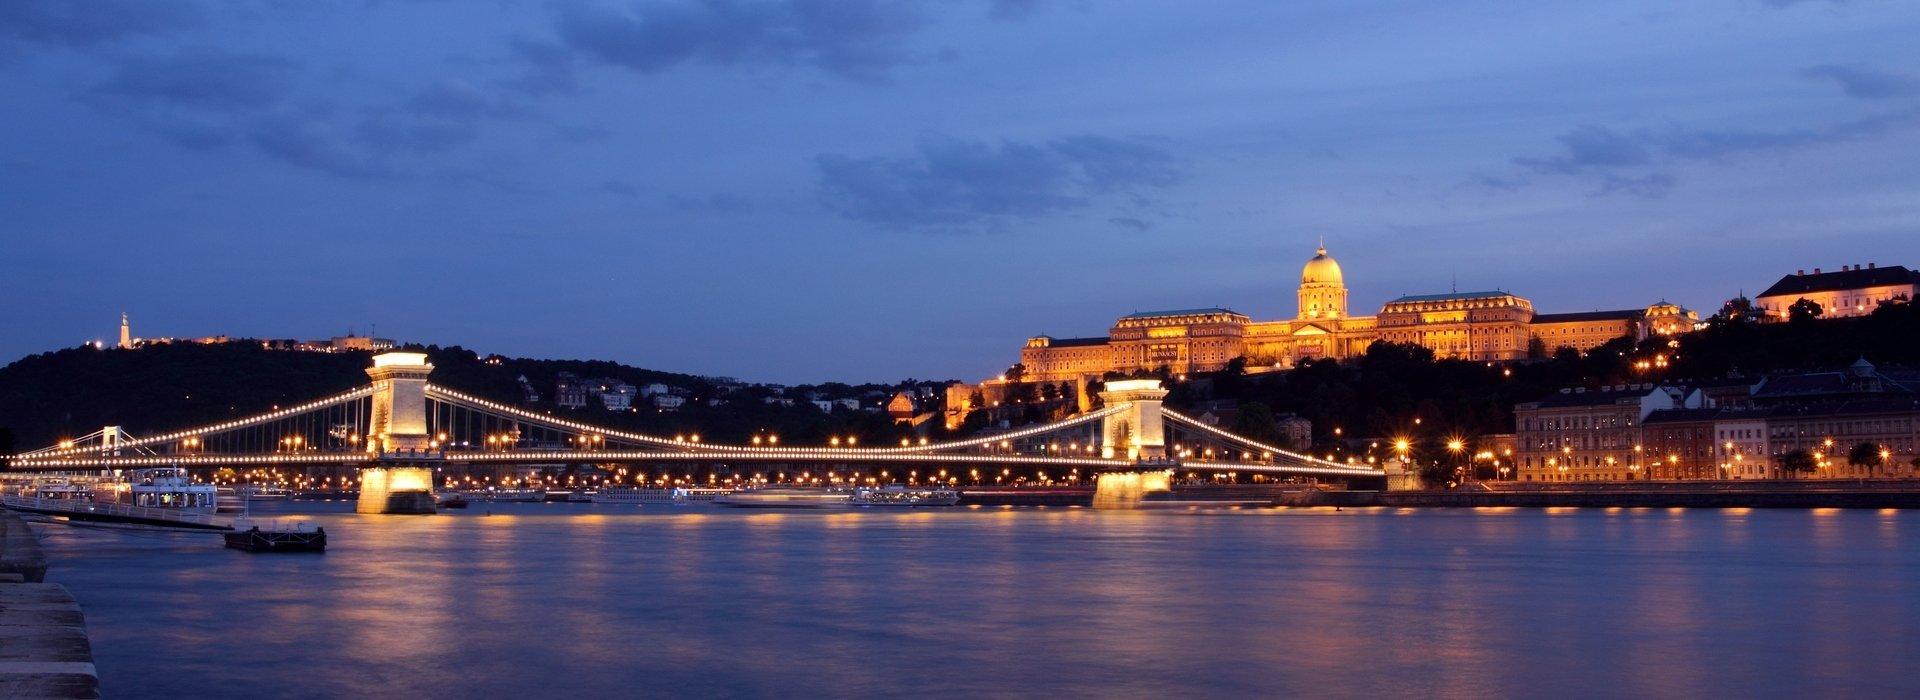 Budapesti Városnézés - Városnéző programok Budapesten